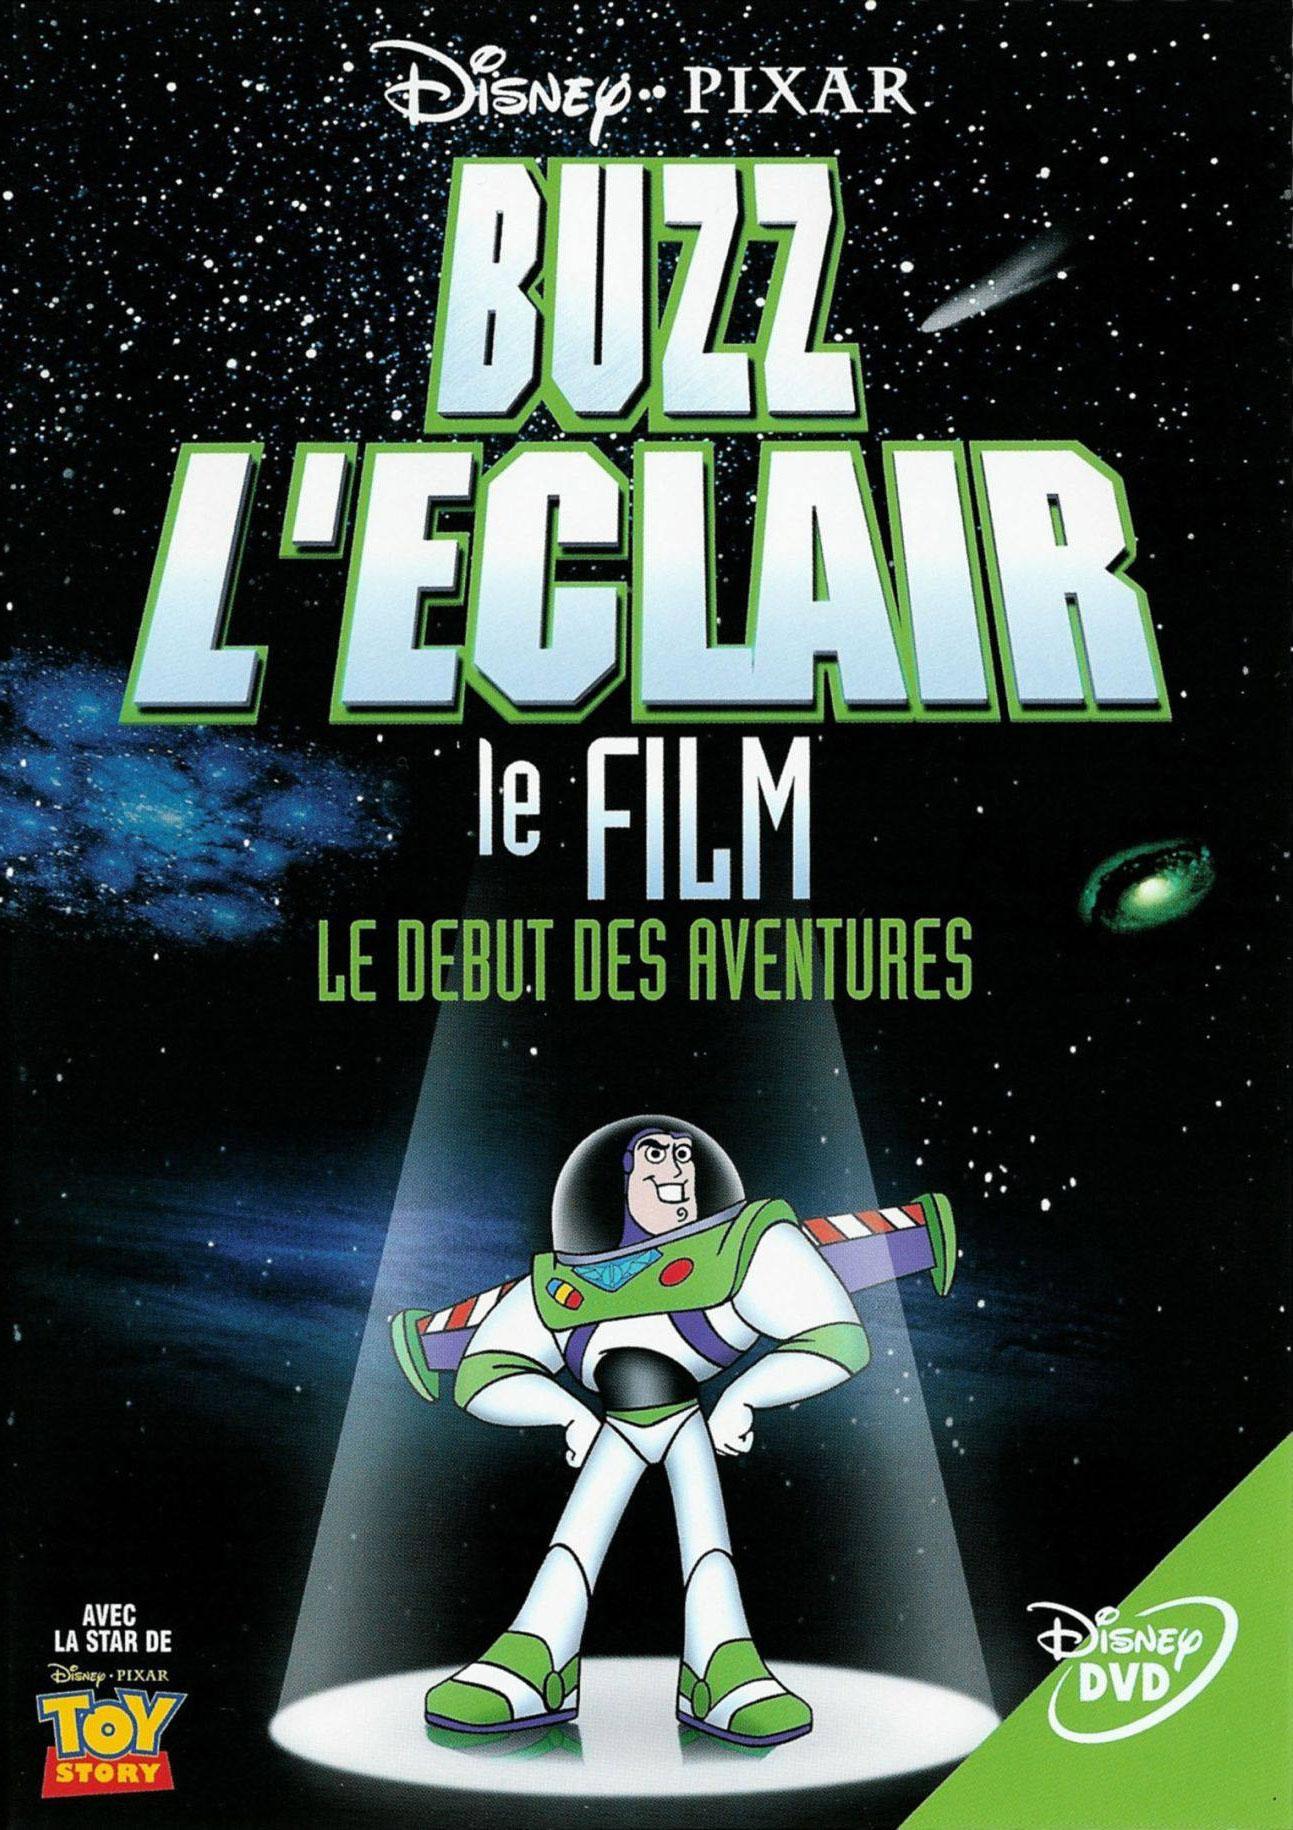 affiche poster aventure buzz éclair lightyear film movie adventures disney pixar